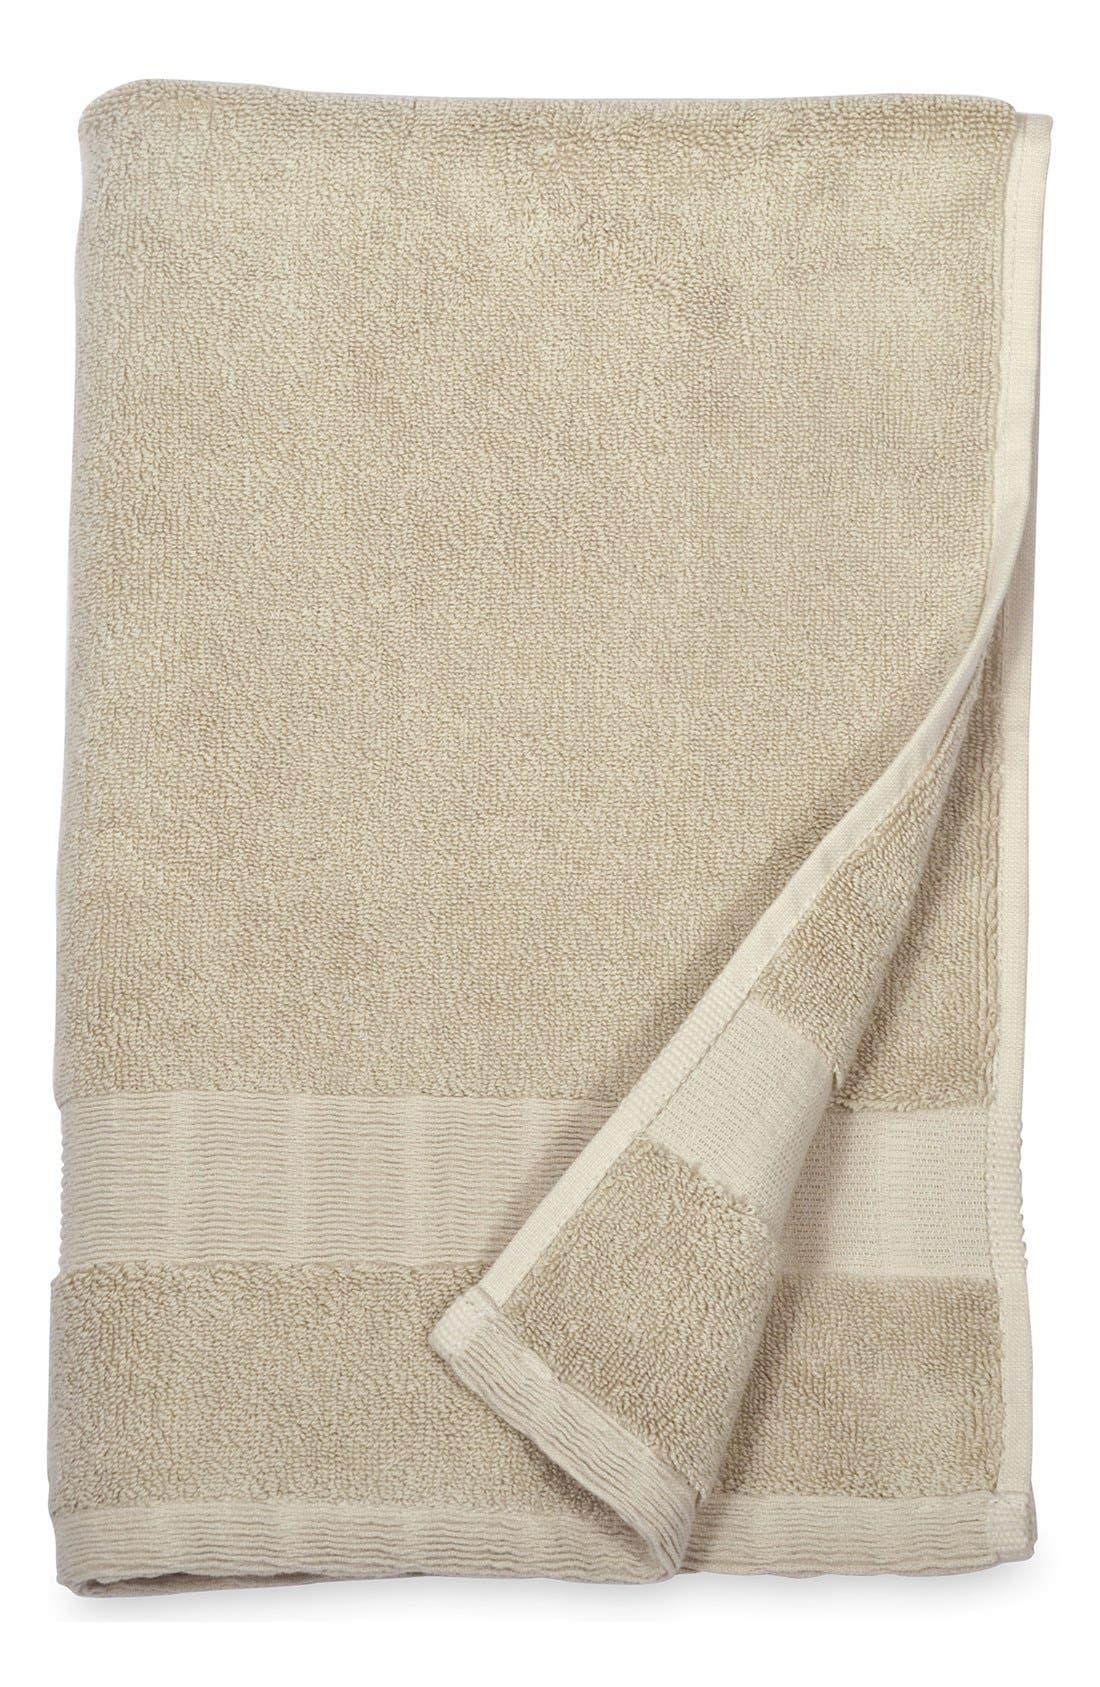 Main Image - DKNY Mercer Hand Towel